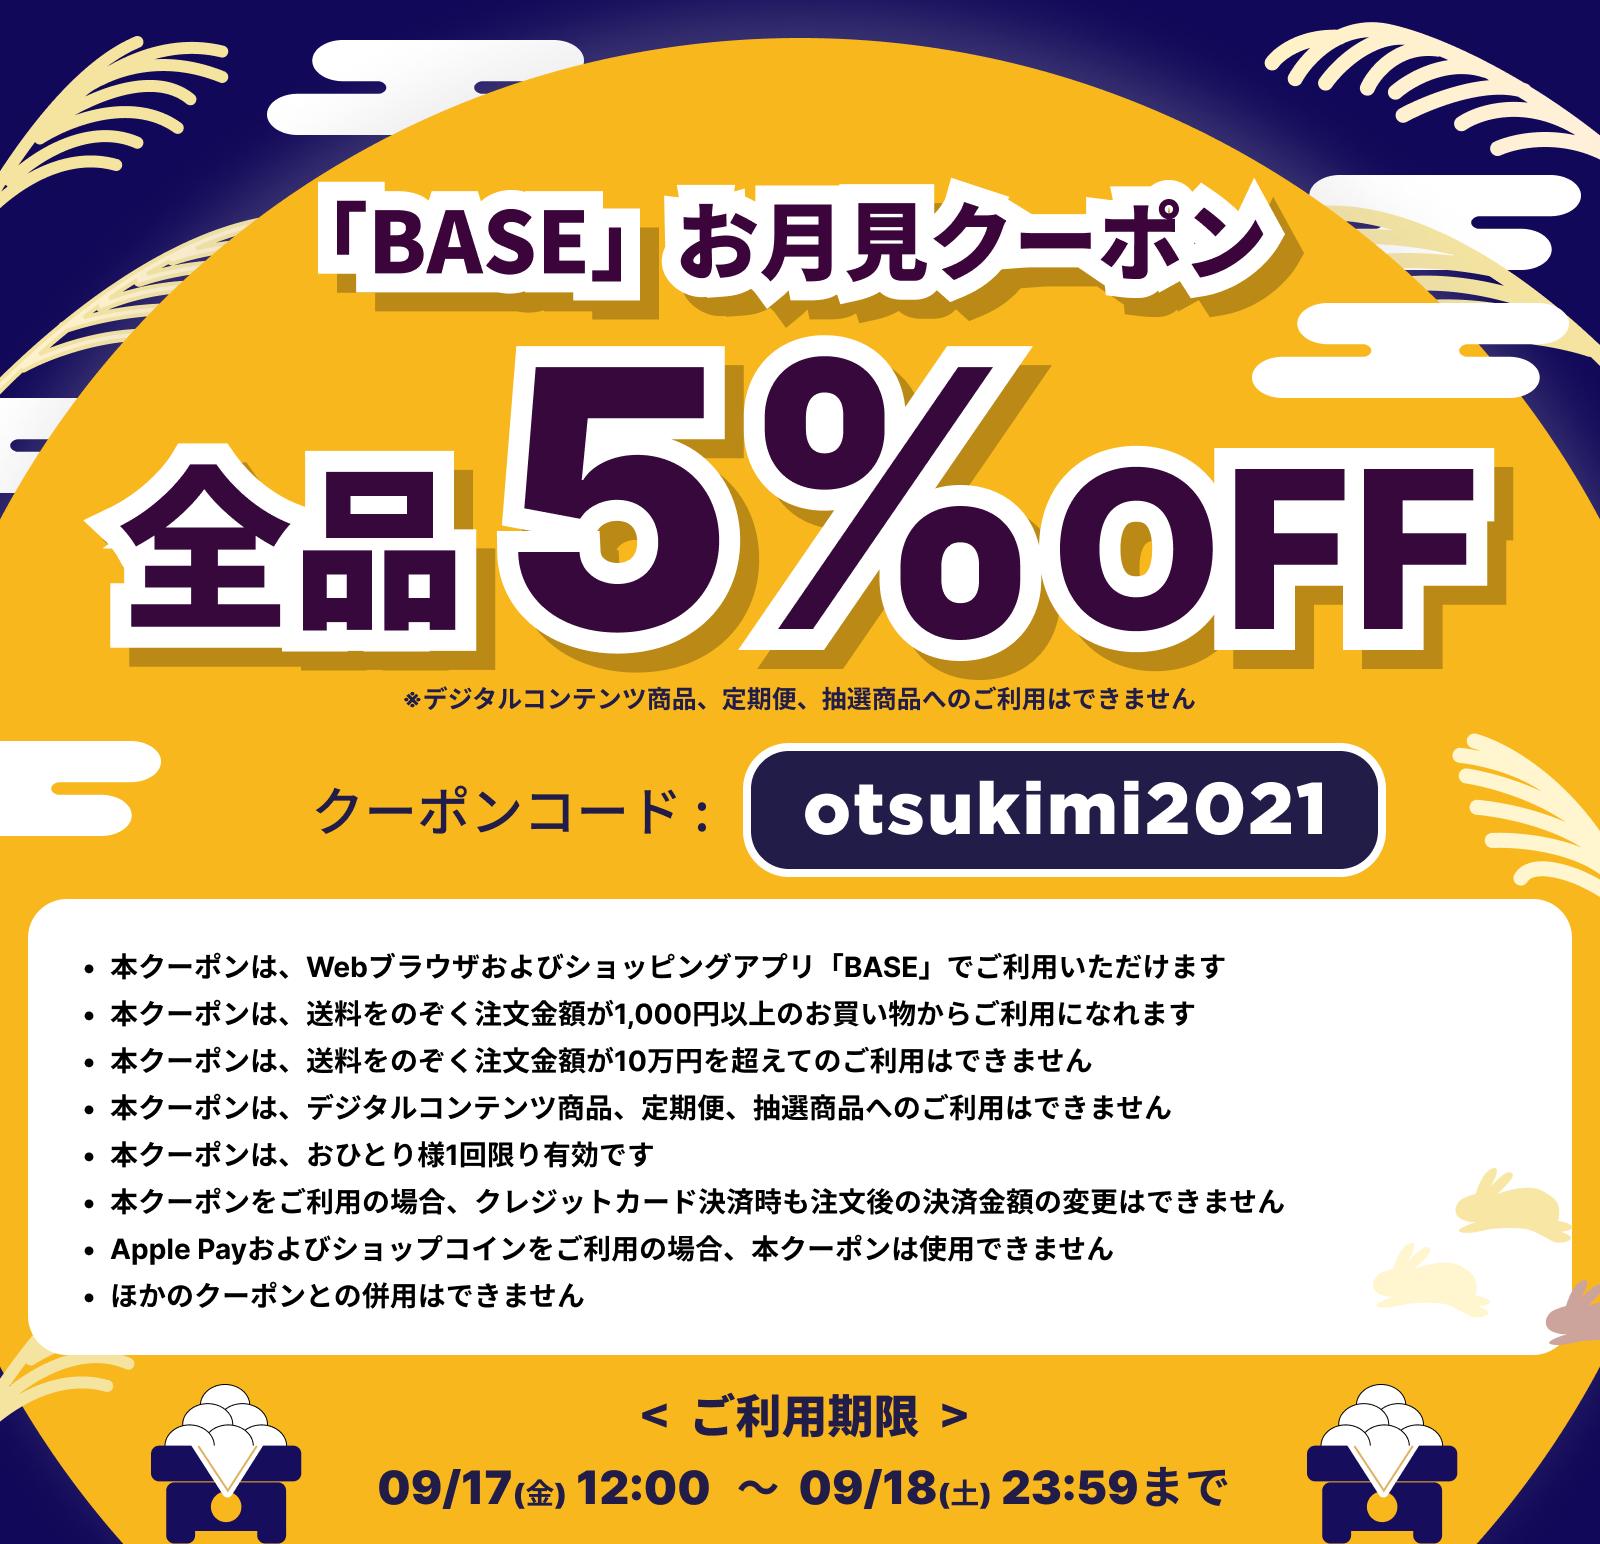 【9月17日(金)~9月18日(土)の期間限定!】お月見キャンペーン!5%OFFクーポンをプレゼント